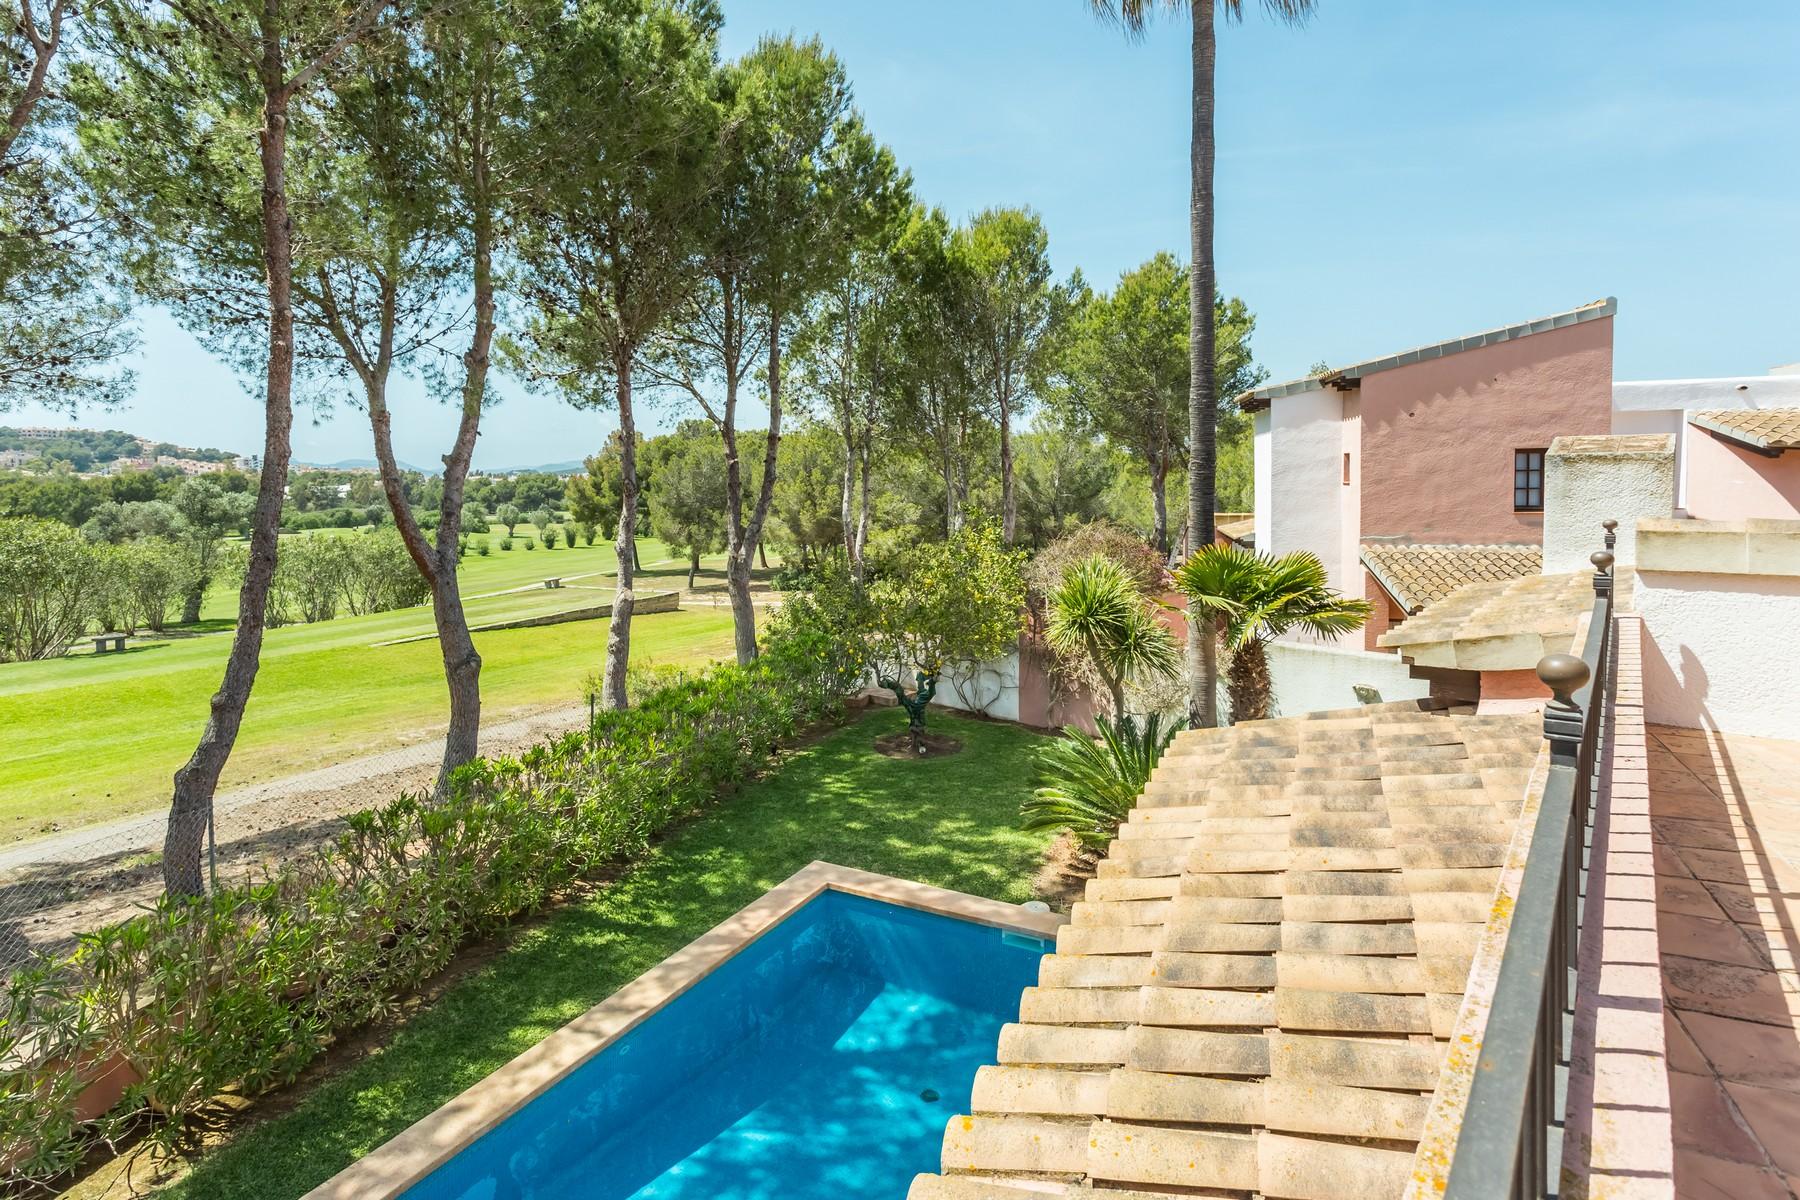 Maison unifamiliale pour l Vente à Villa at the edge of Santa Ponsa golf course Santa Ponsa, Majorque, 07181 Espagne